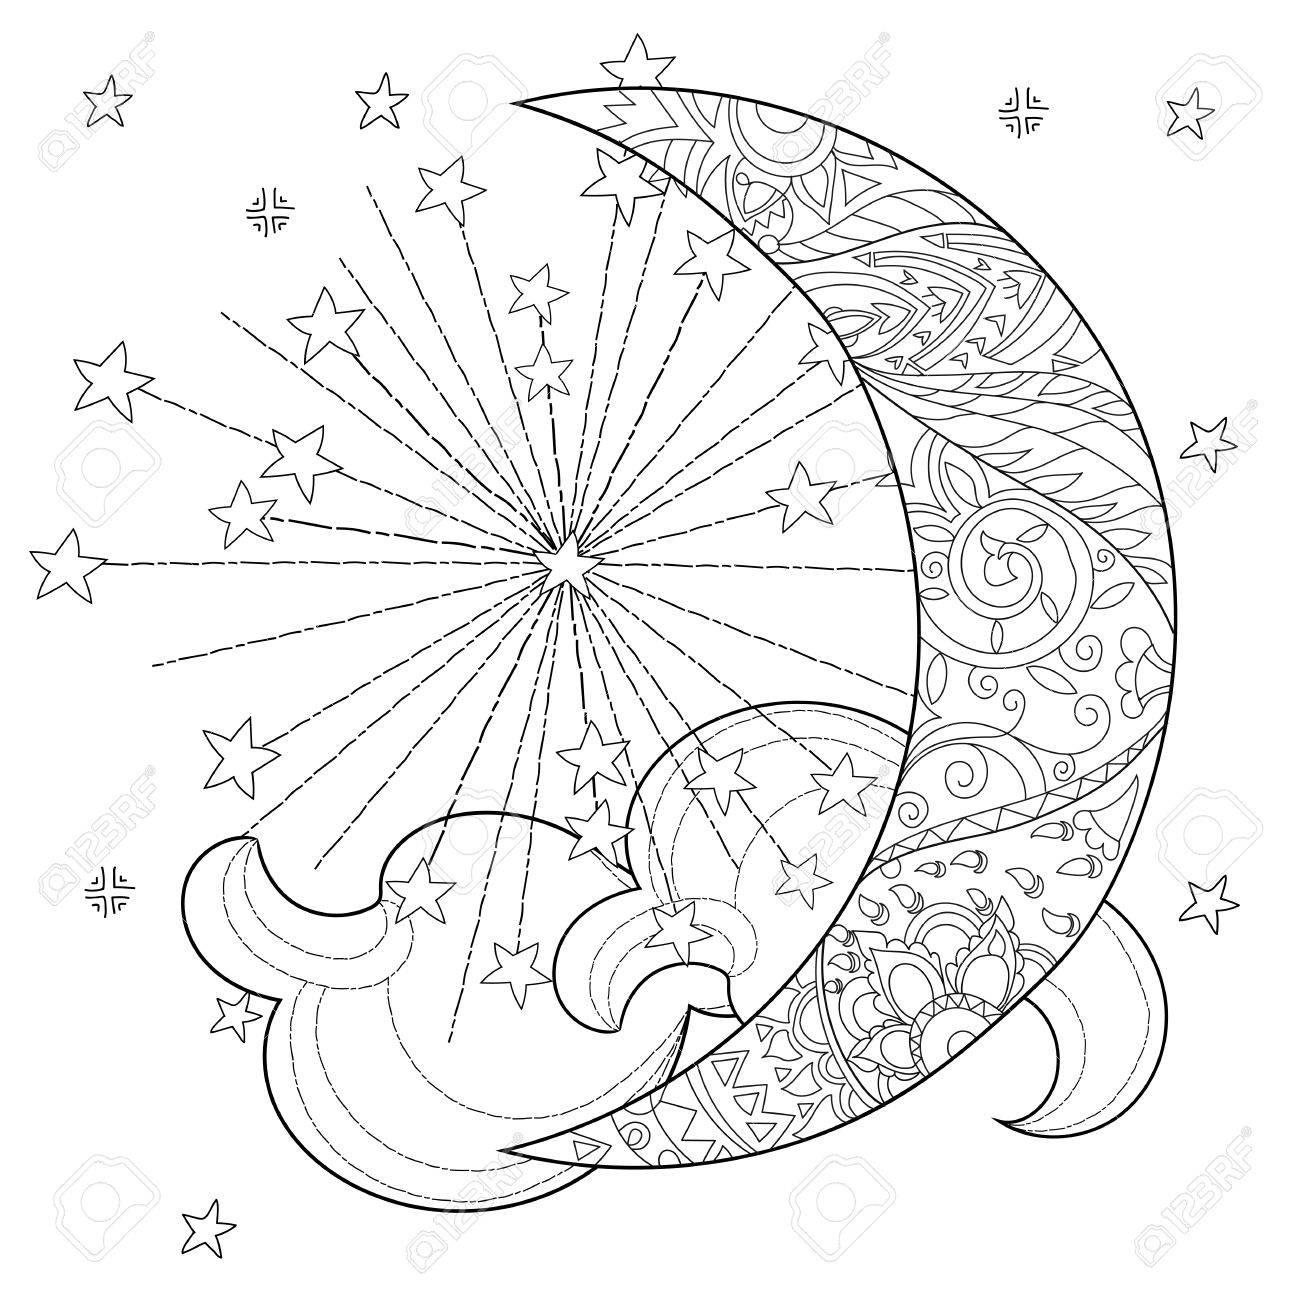 Media Luna De La Navidad Con Las Estrellas. Mano Doodle Art.Adult ...